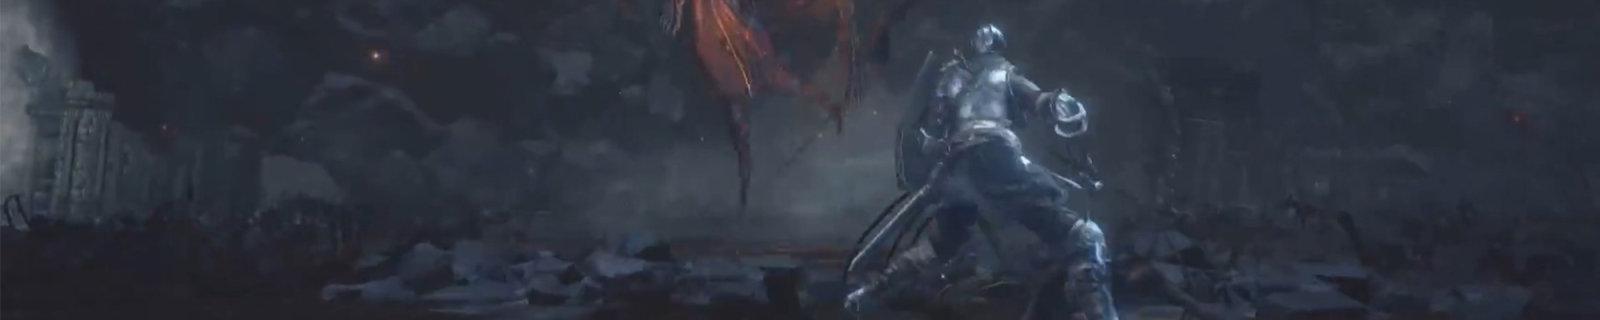 """《黑暗之魂3》第二弹DLC""""环之都""""演示公开"""